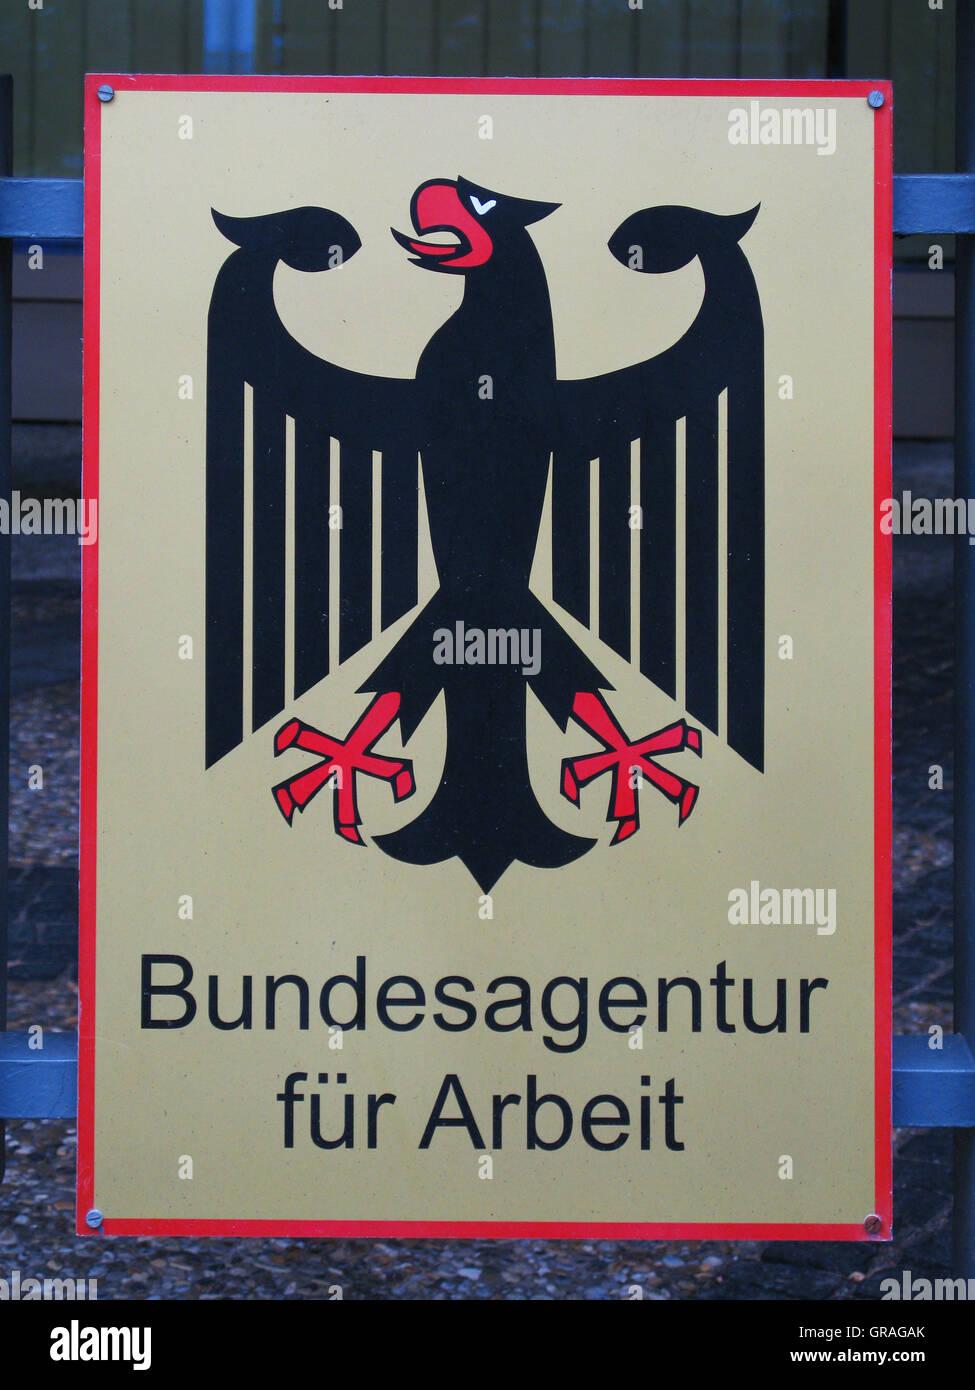 Bundesagentur Für Arbeit - Stock Image